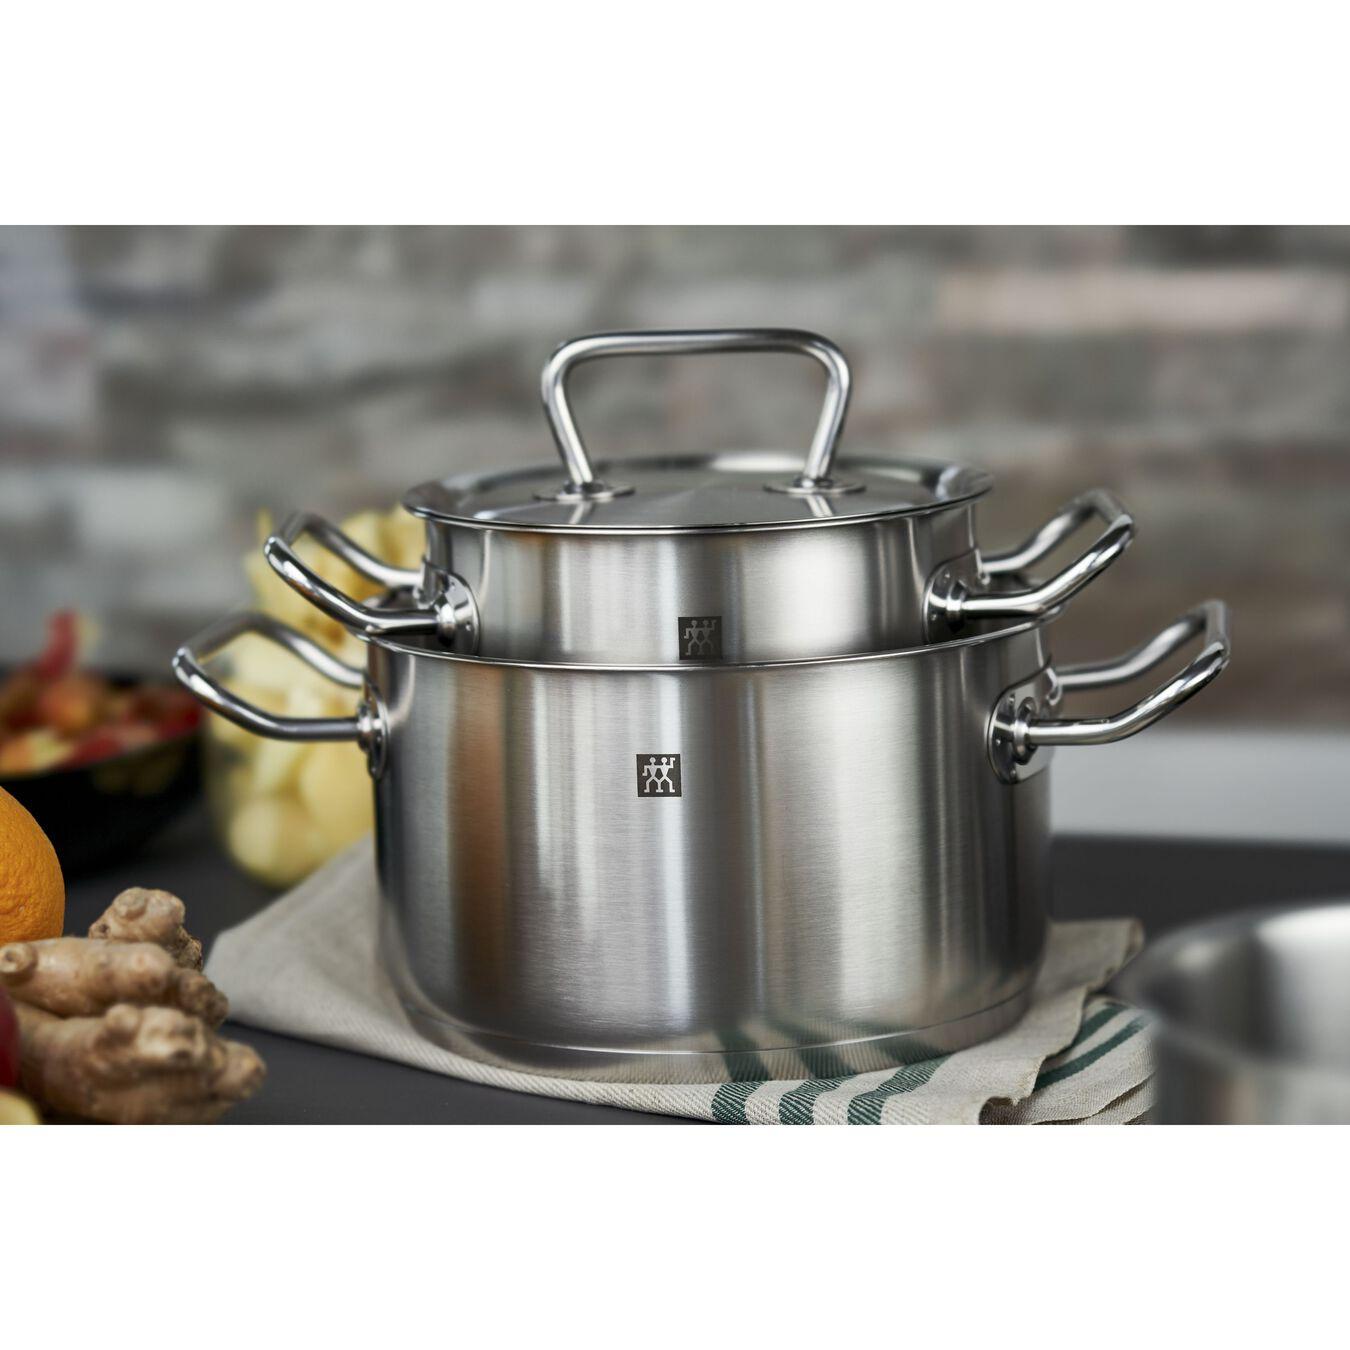 Ensemble de casseroles 4-pcs, Inox 18/10,,large 3